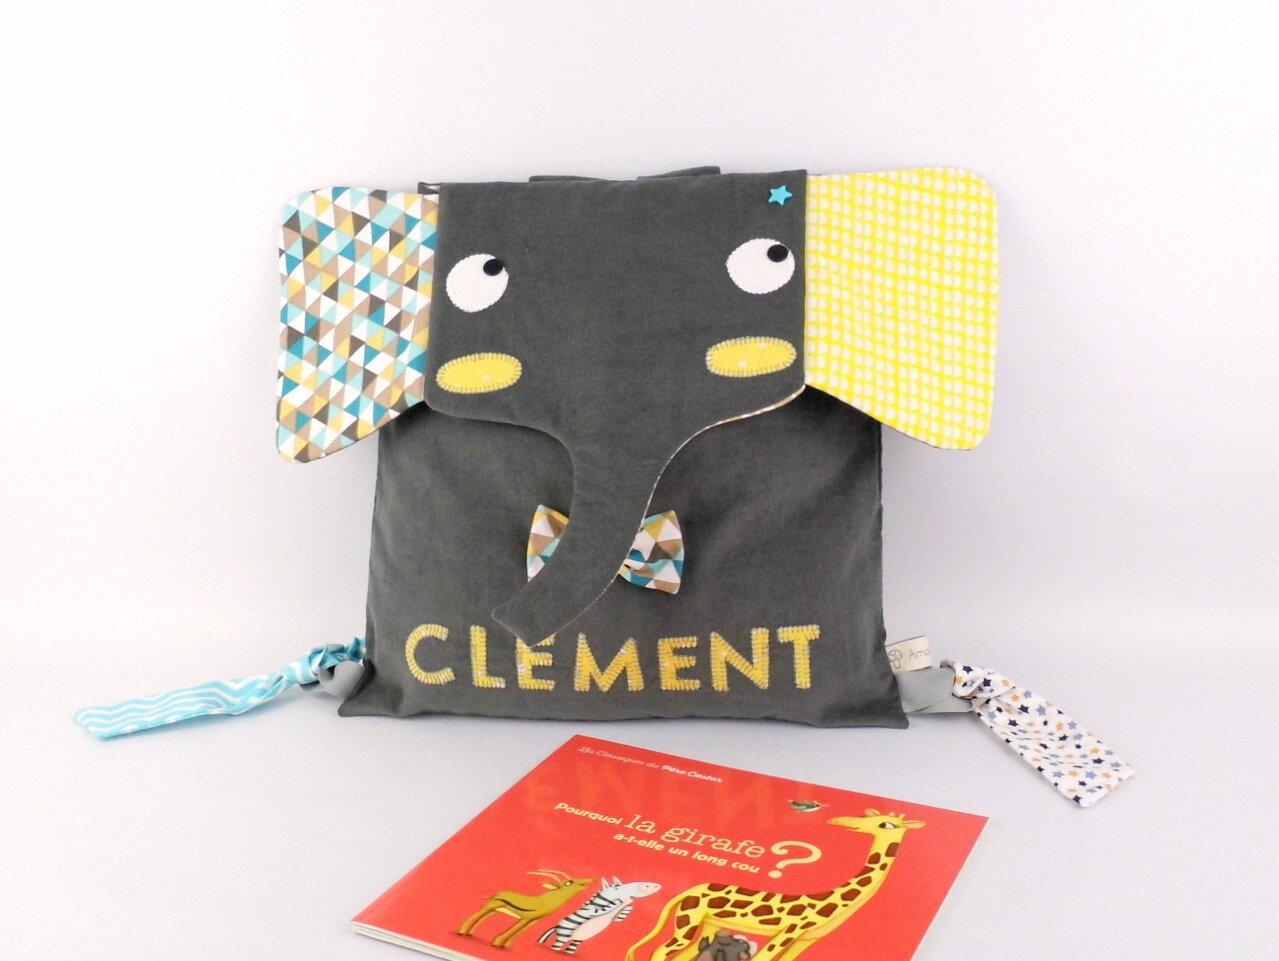 Sac maternelle garcon elephant personnalise prenom clement gris jaune bleu turquoise canard sac à dos personnalisable prenom couleurs cadeau garcon noel anniversaire 5 ans